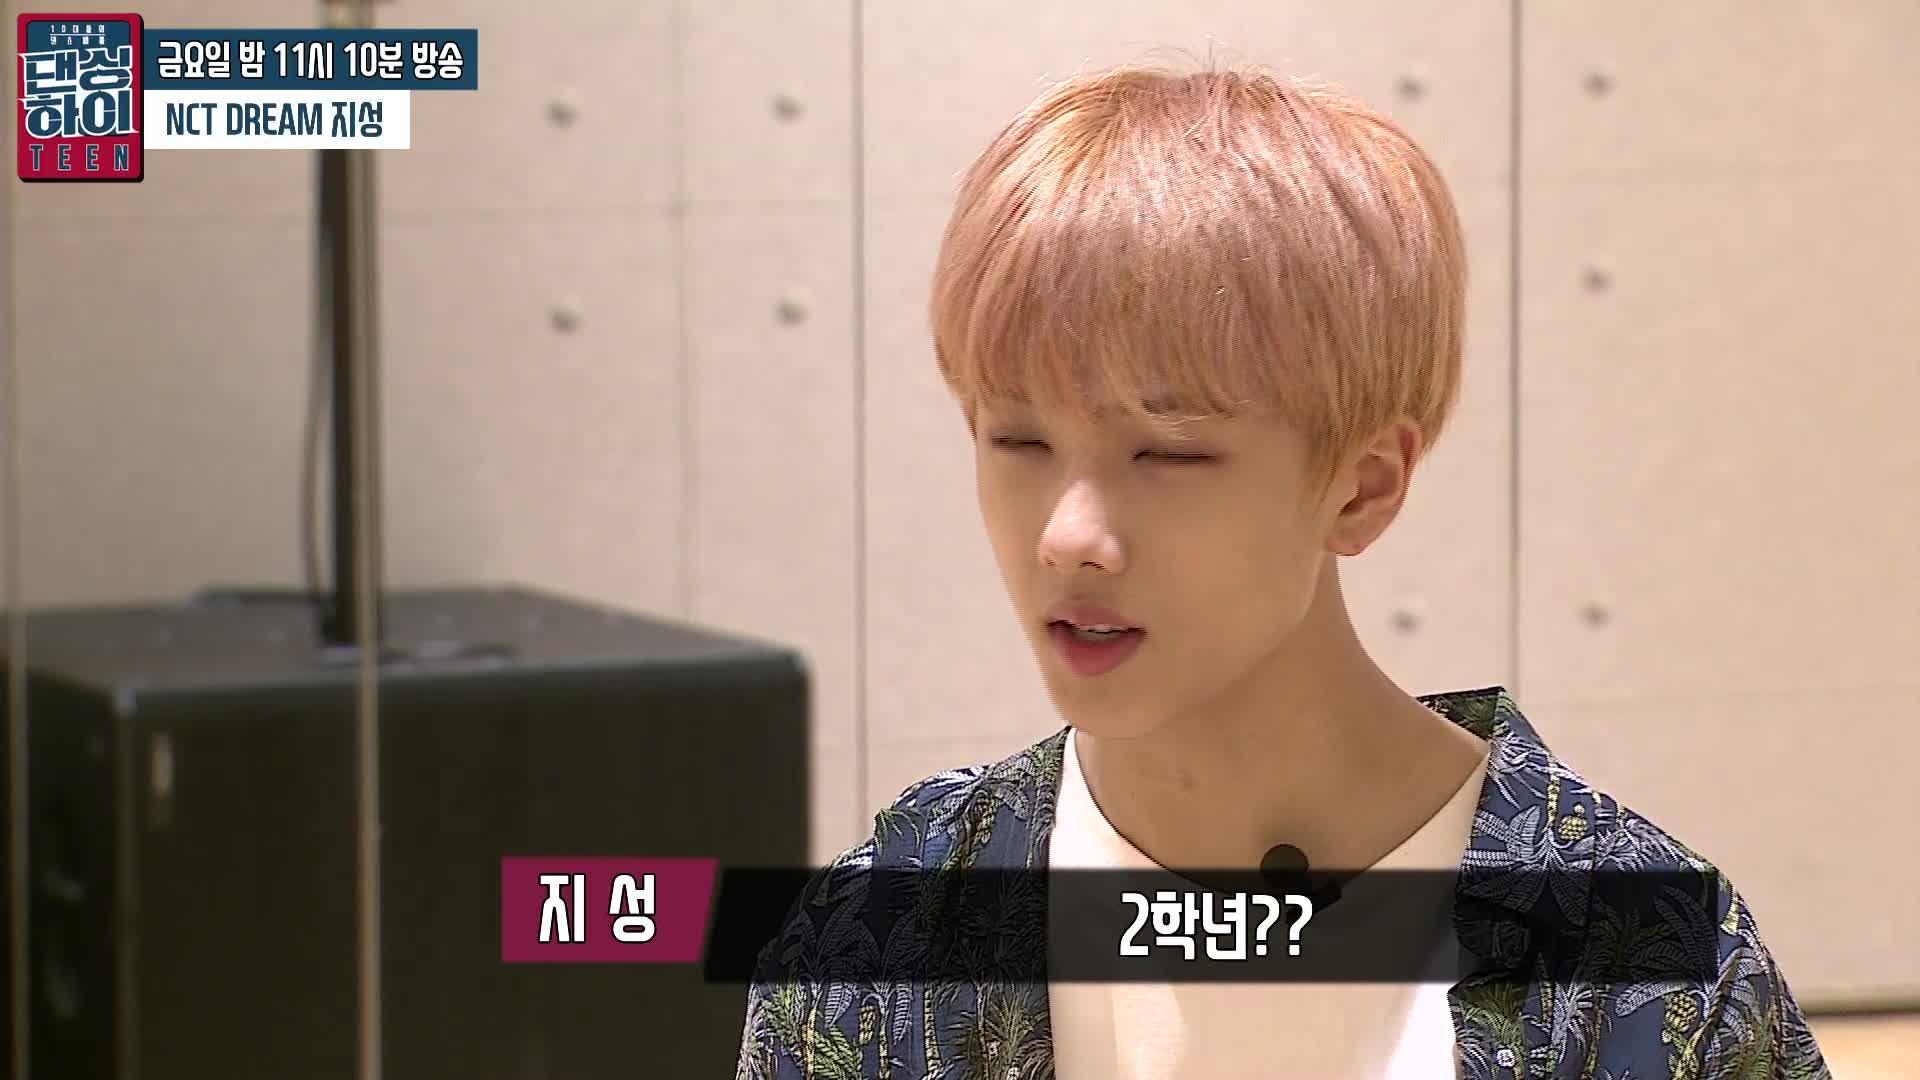 [댄싱하이 리얼리티] NCT 지성의 출사표(ft.댄싱하이에서 레몬댄스 챌린지를?!) / Dancignhigh Behind